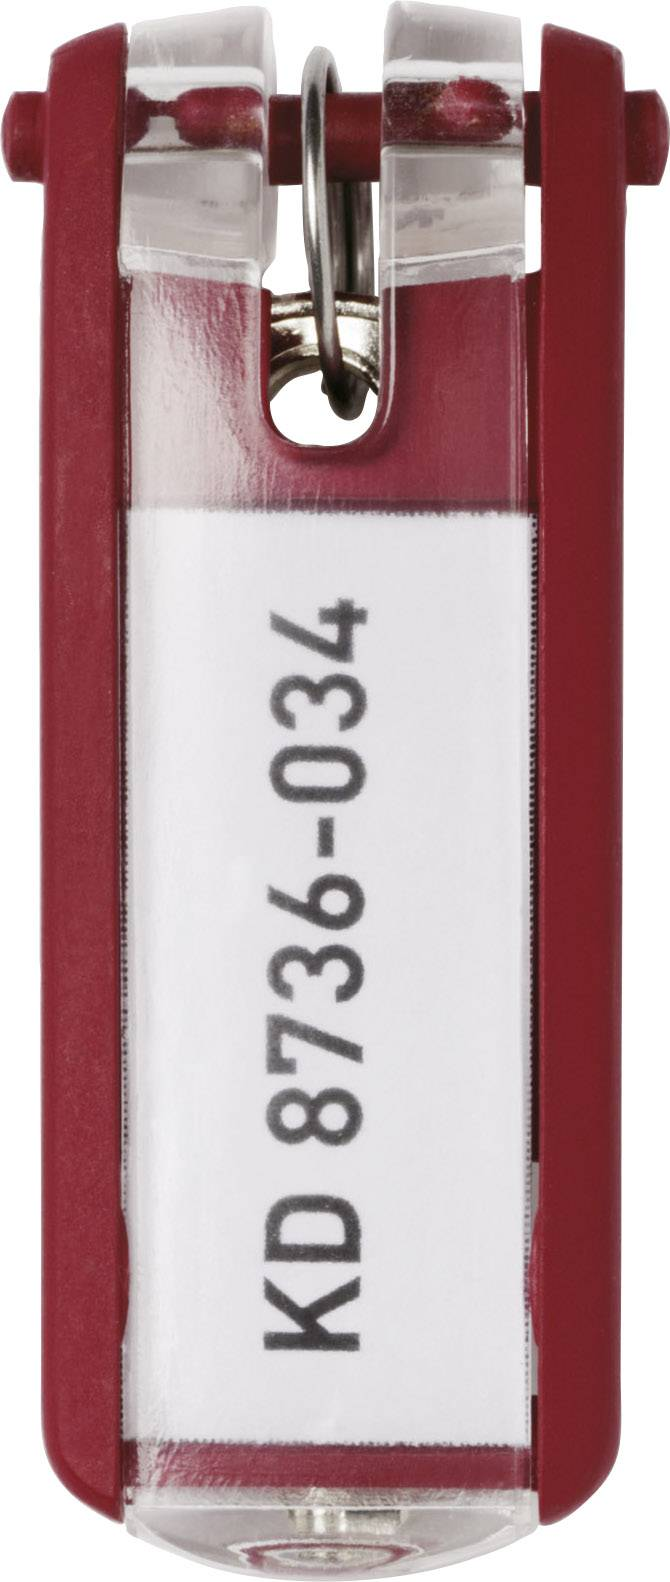 Věšák na klíče 6 ks červená